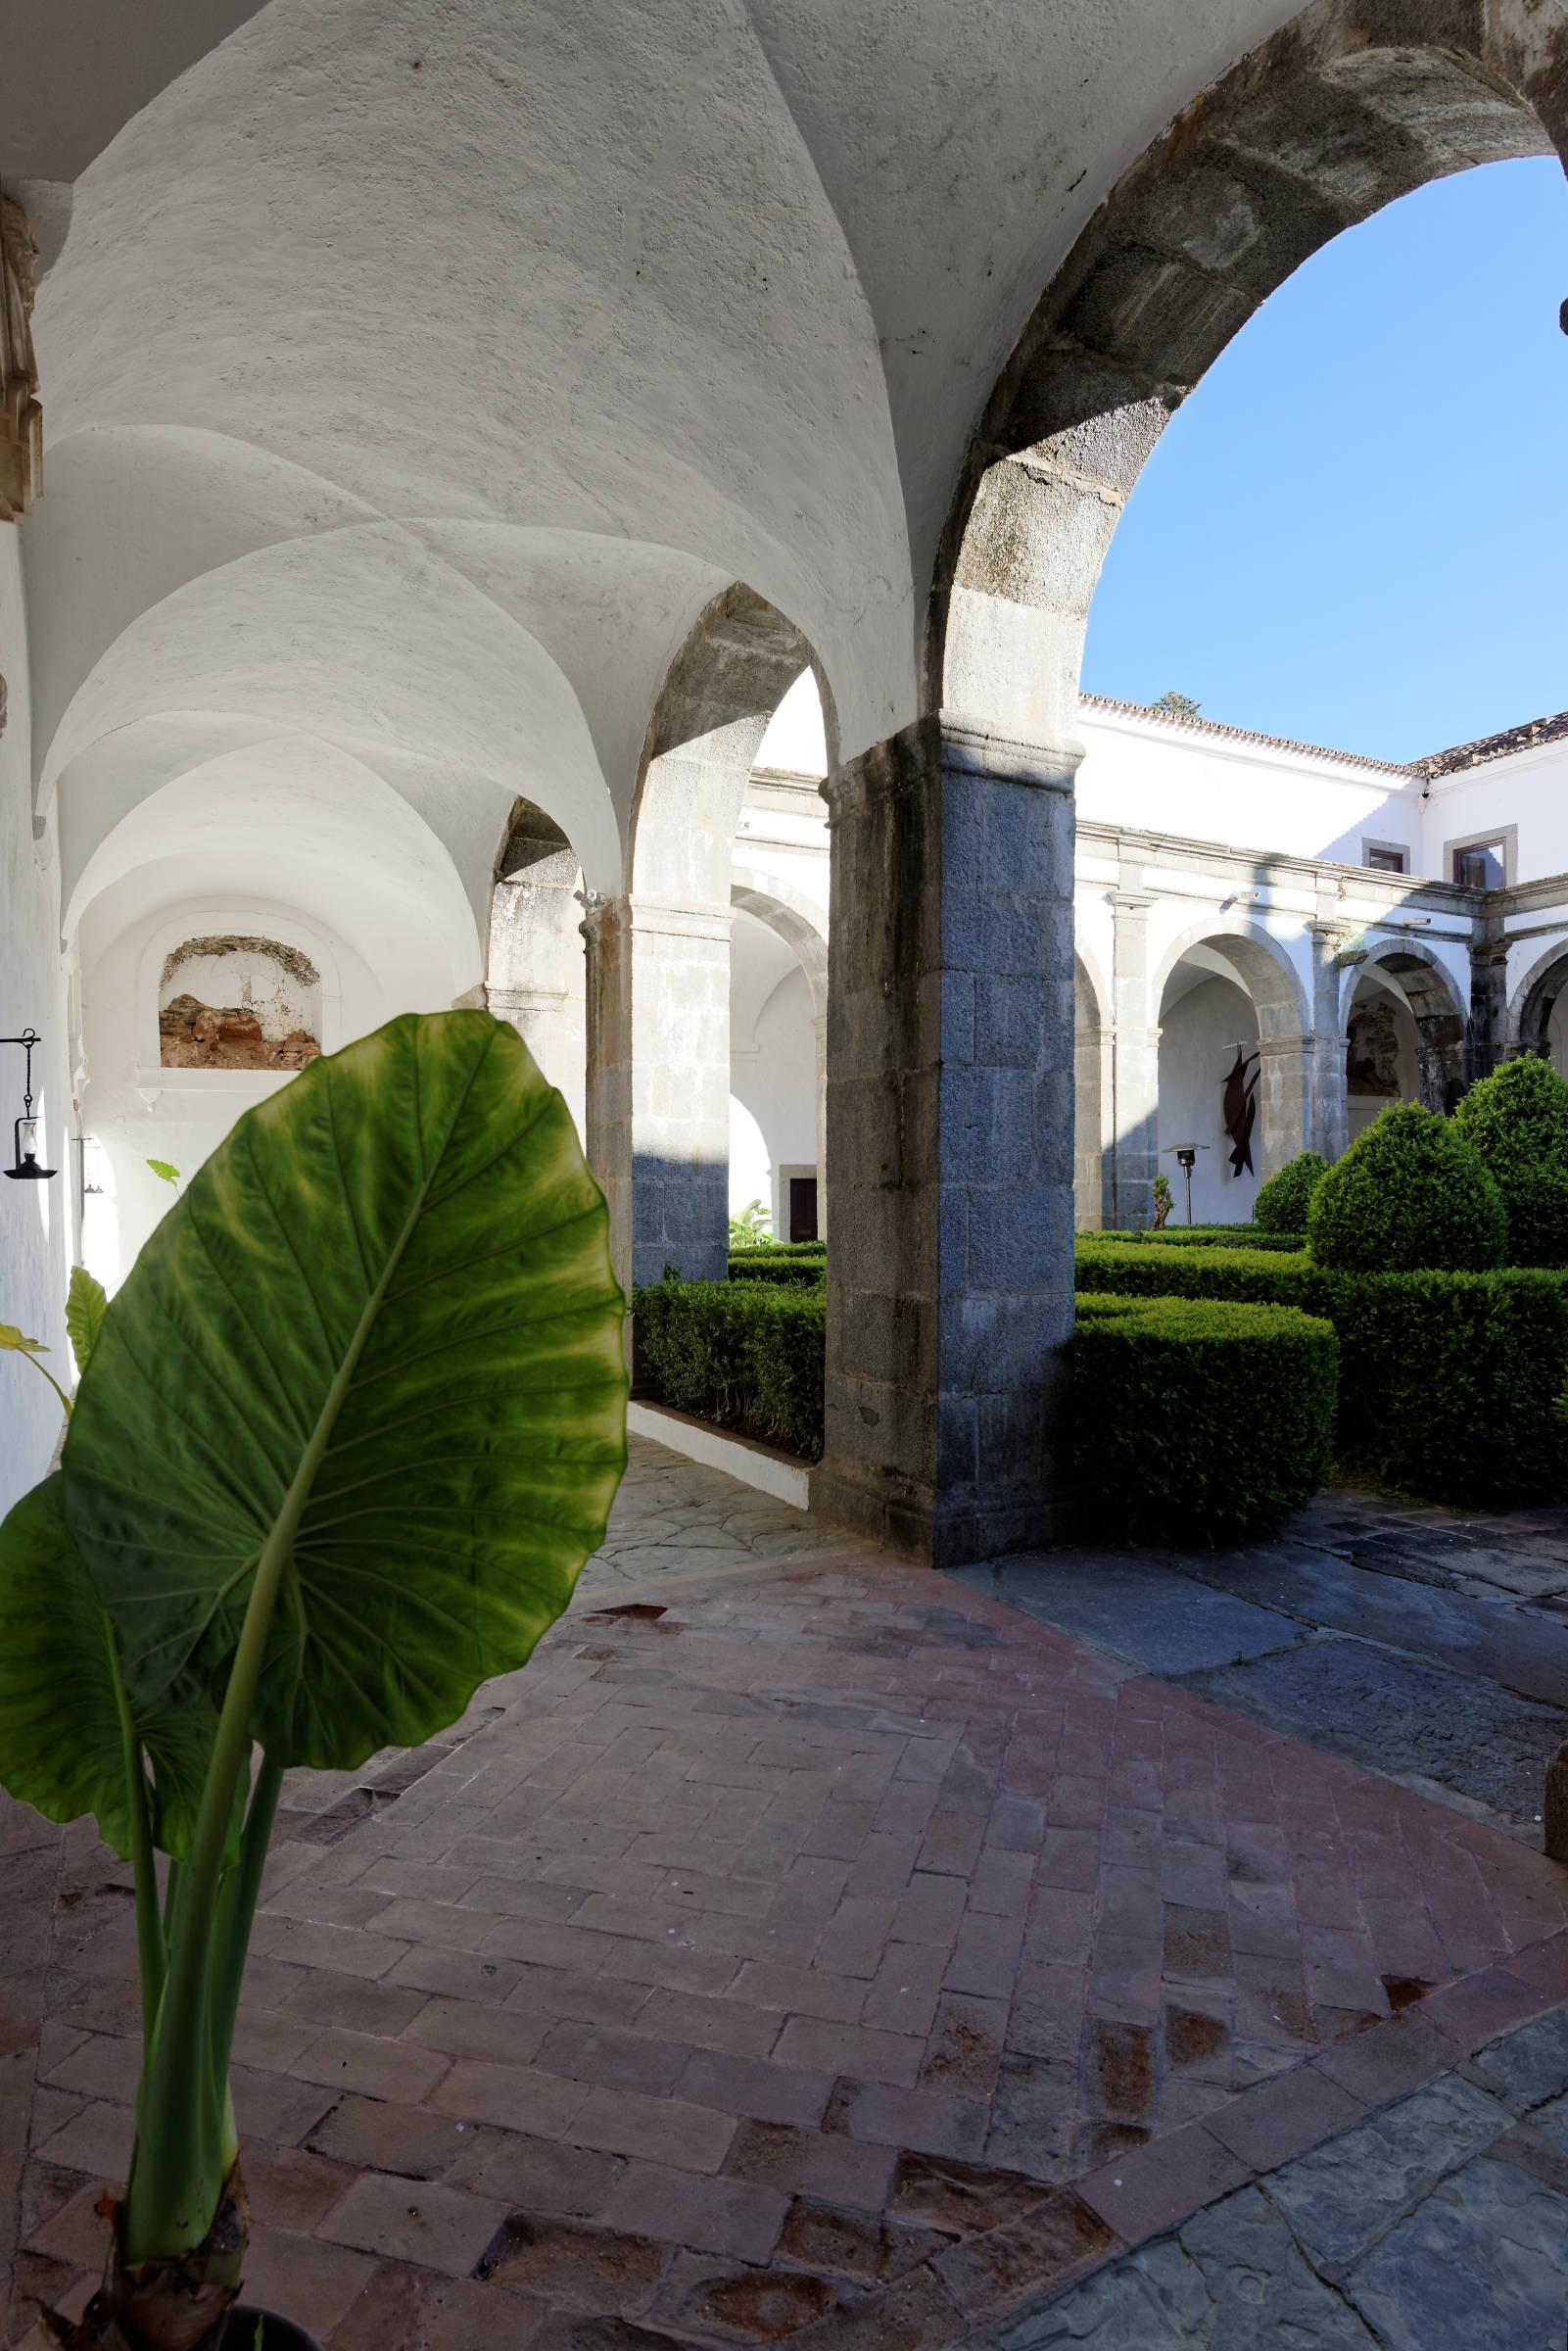 160407-Convento de sao paulo (Alentero Portugal) (112)